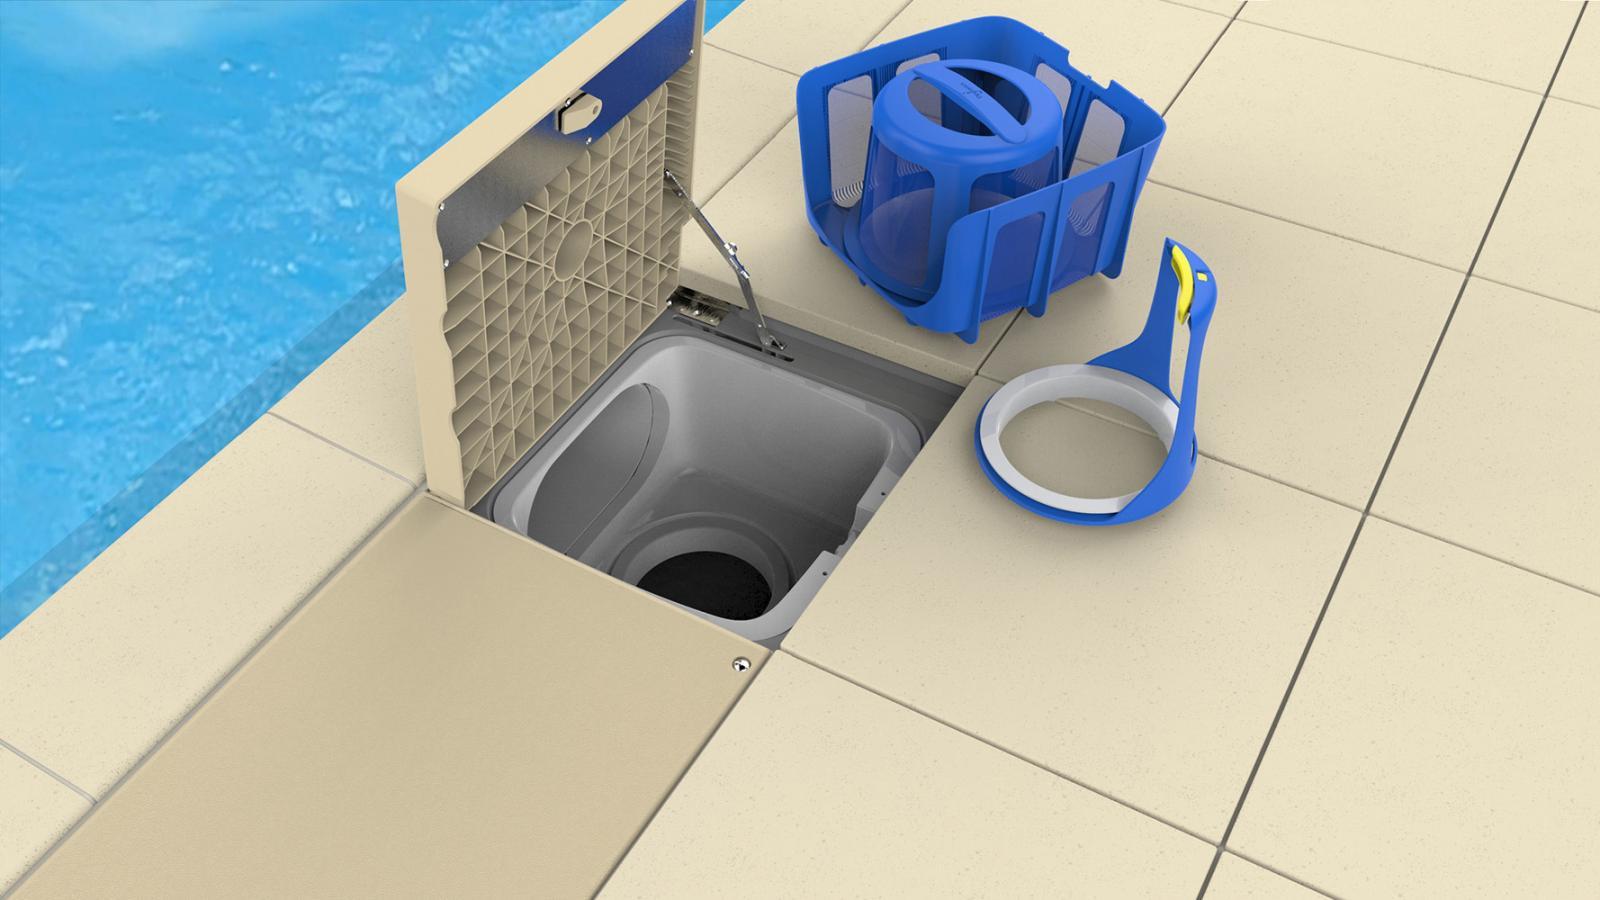 groupe filtration piscine filtration monobloc de piscine with groupe filtration piscine cool. Black Bedroom Furniture Sets. Home Design Ideas